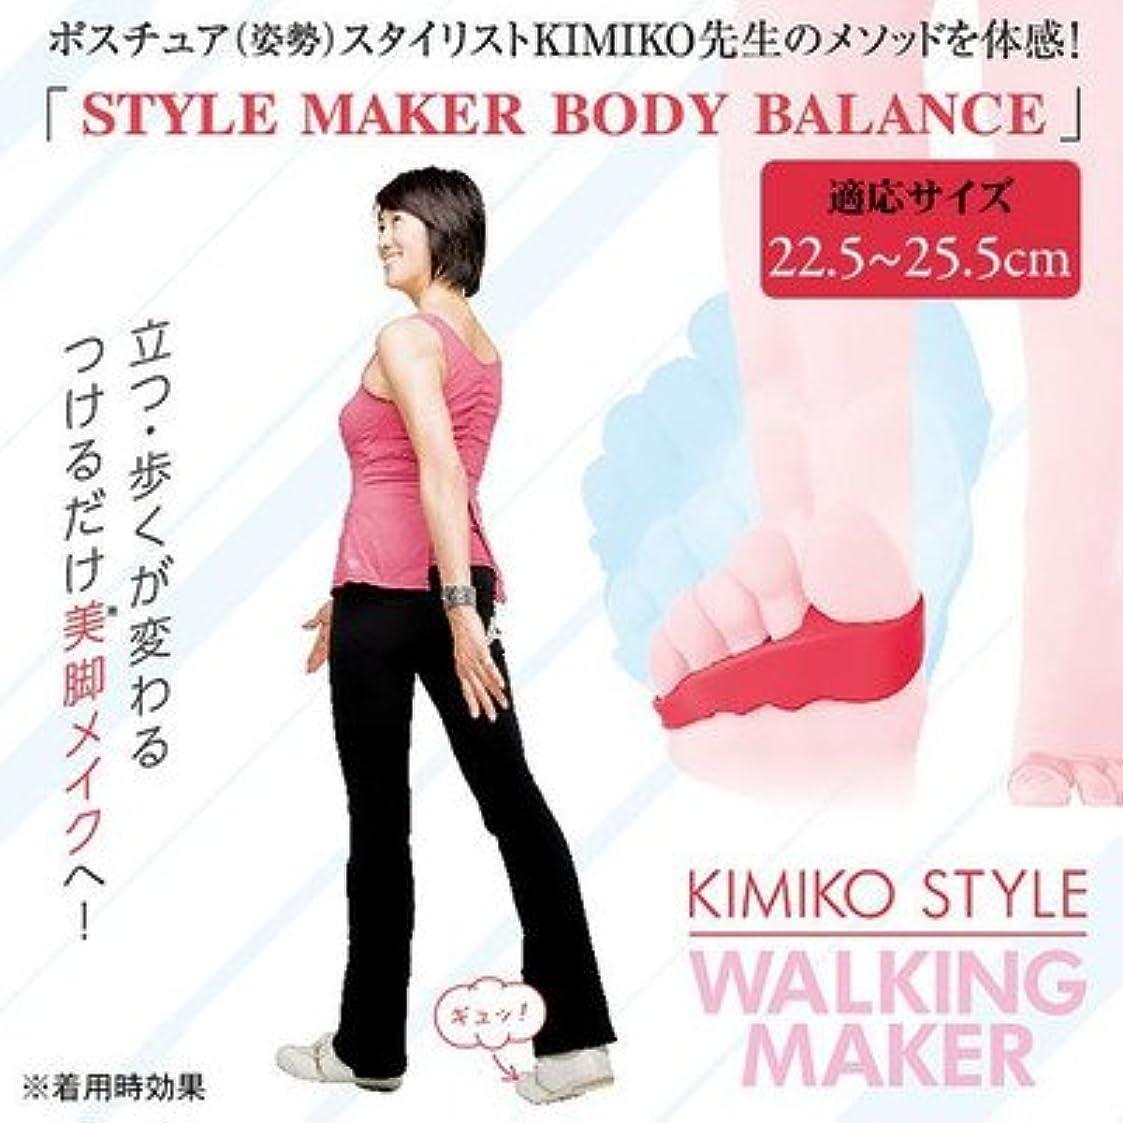 地中海属する回想付けて歩いて 正しい歩行姿勢へナビゲート KIMIKO STYLE キミコスタイル WALKING MAKER ウォーキングメーカー 1足入